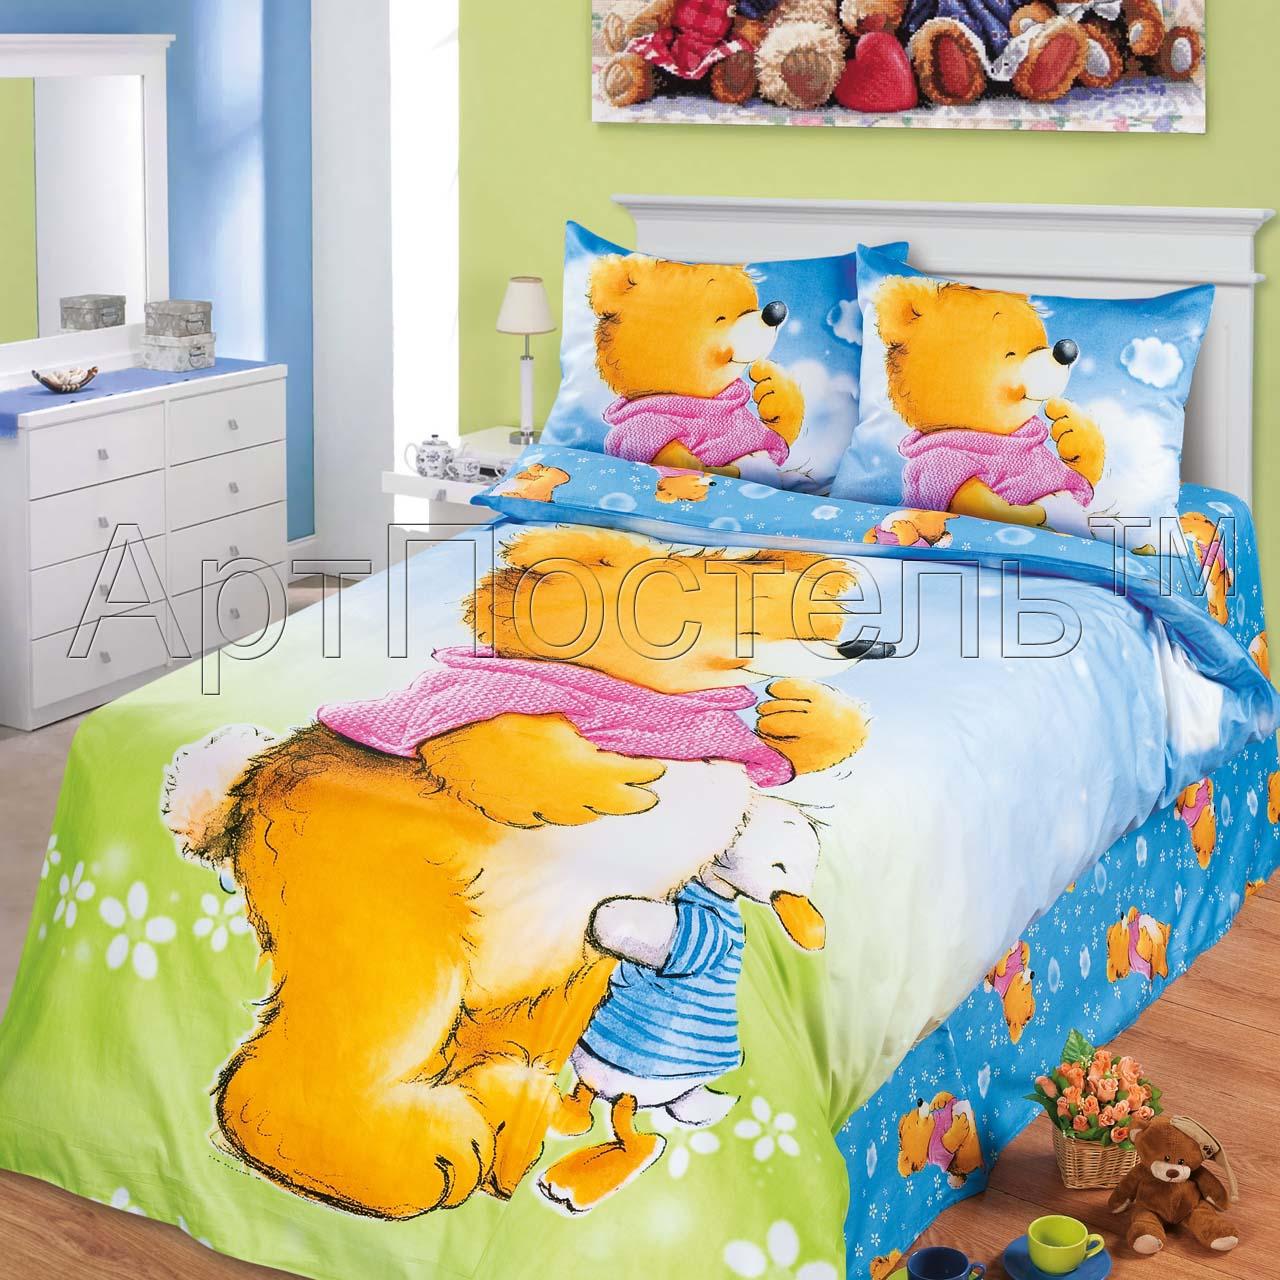 Детский комплект  Давай дружить в голубом , размер 1,5 сп. - Постельное белье артикул: 7860